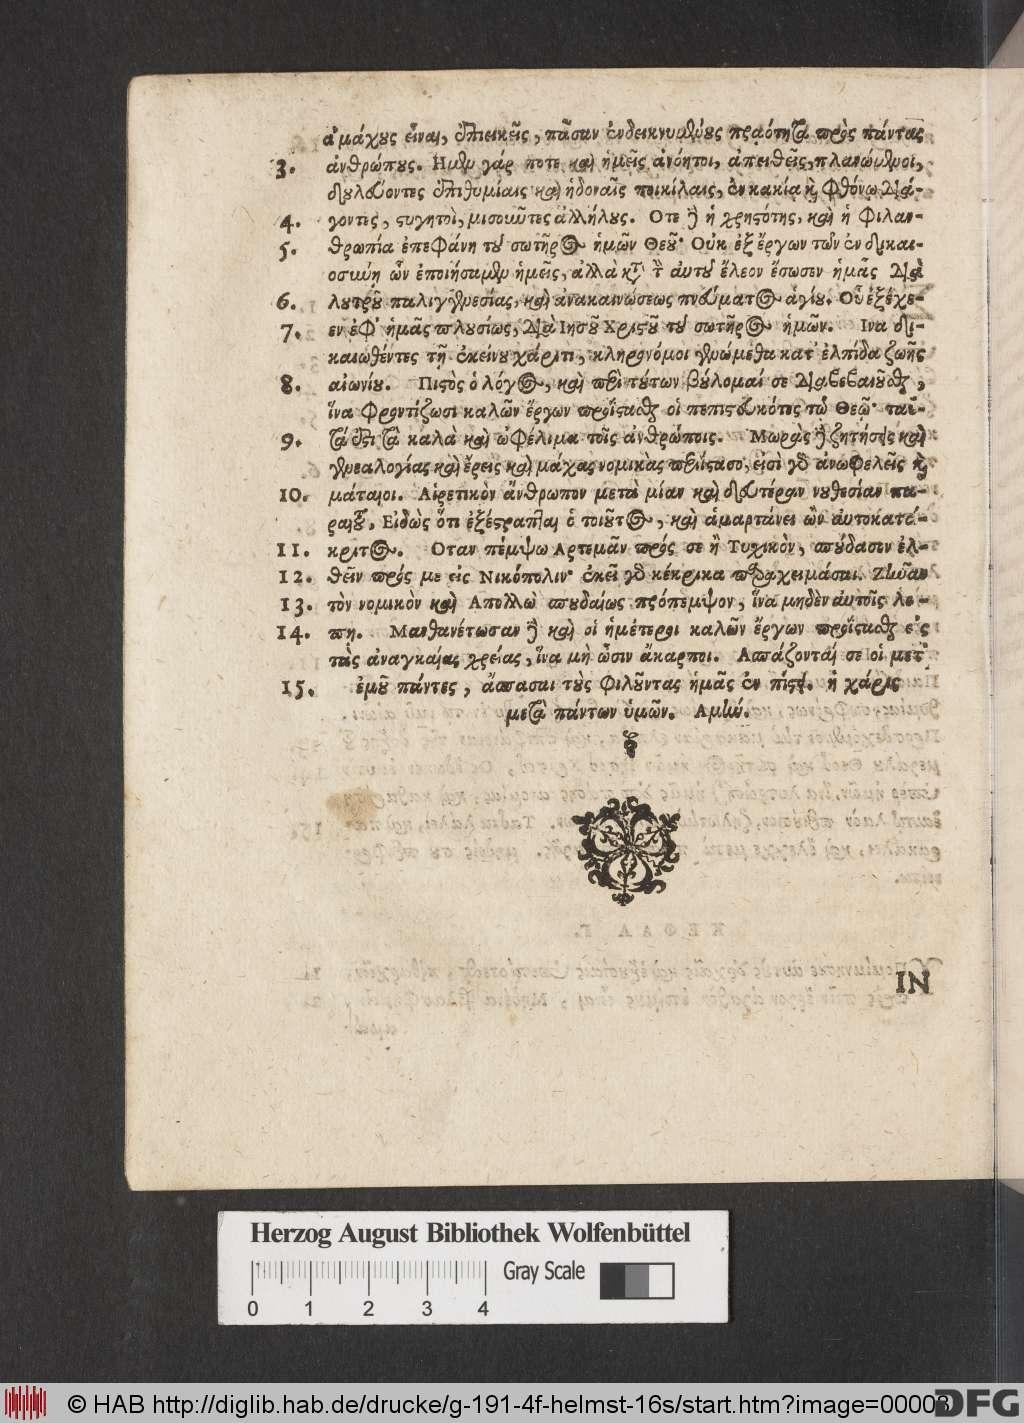 http://diglib.hab.de/drucke/g-191-4f-helmst-16s/00008.jpg